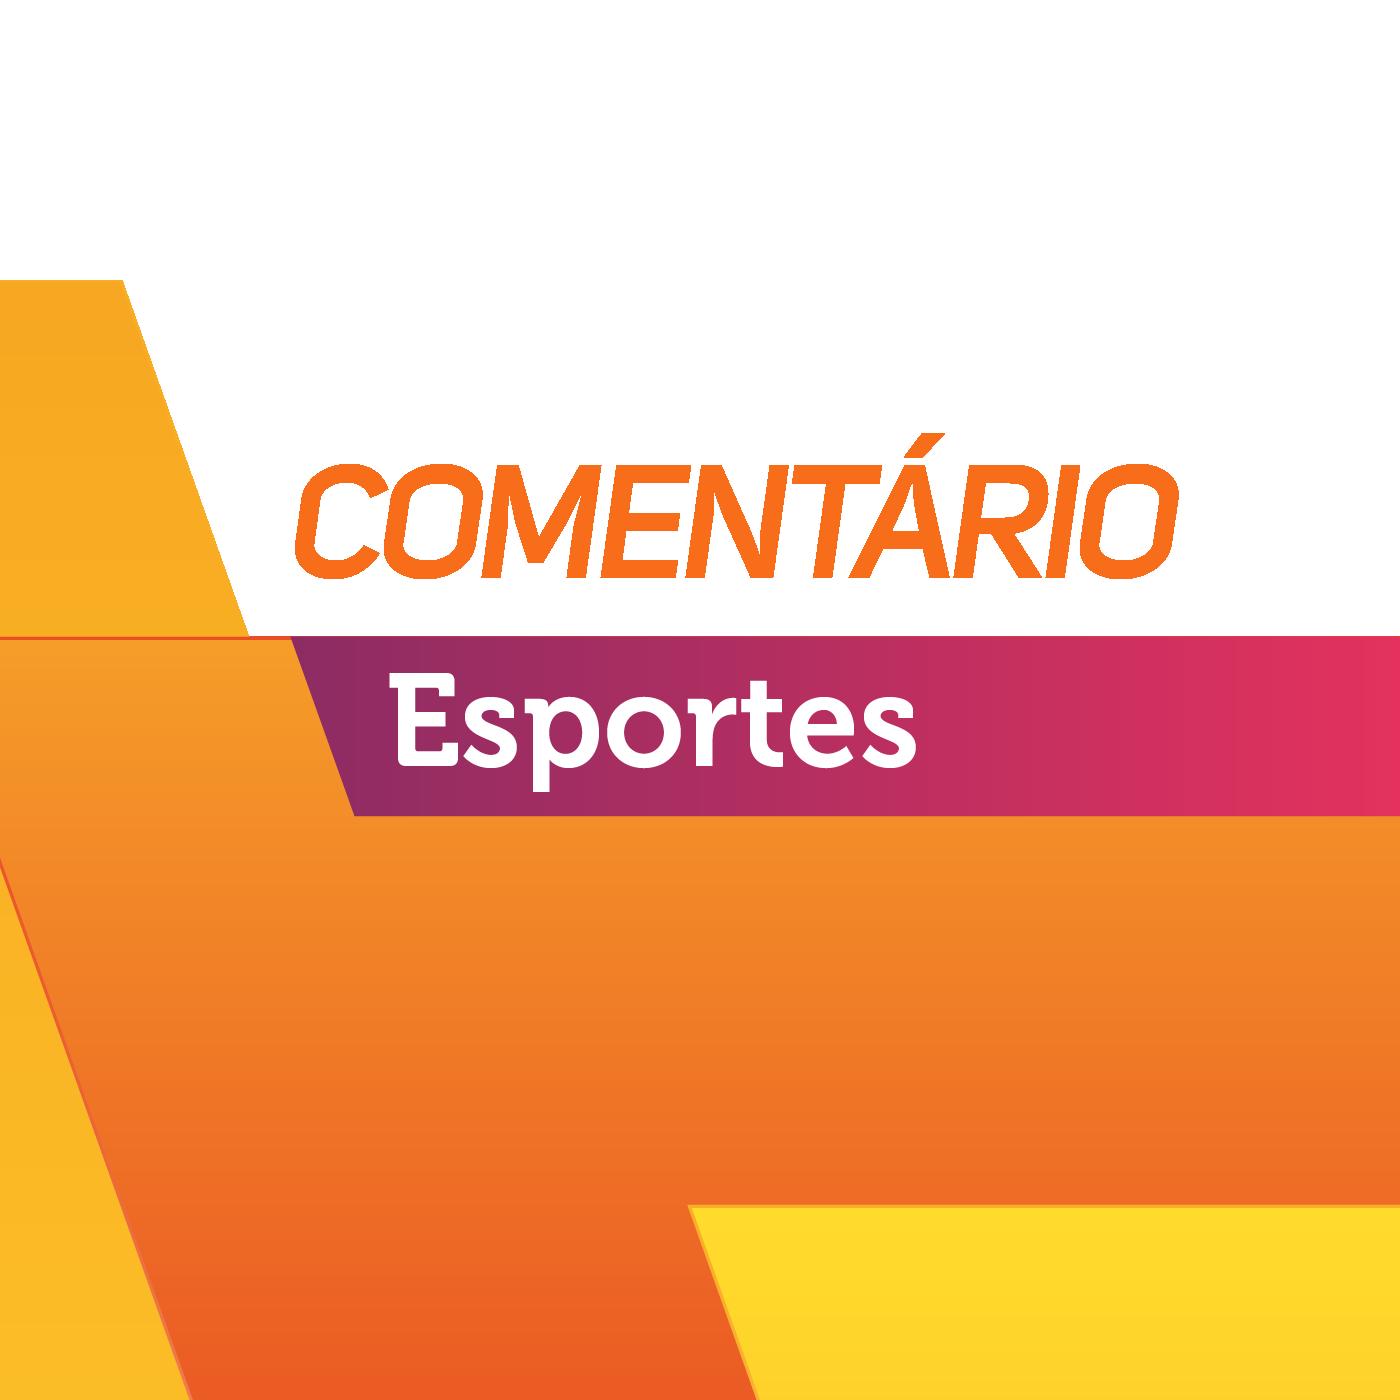 Cleber Grabauska comenta futebol no Gaúcha Repórter 23/02/2017